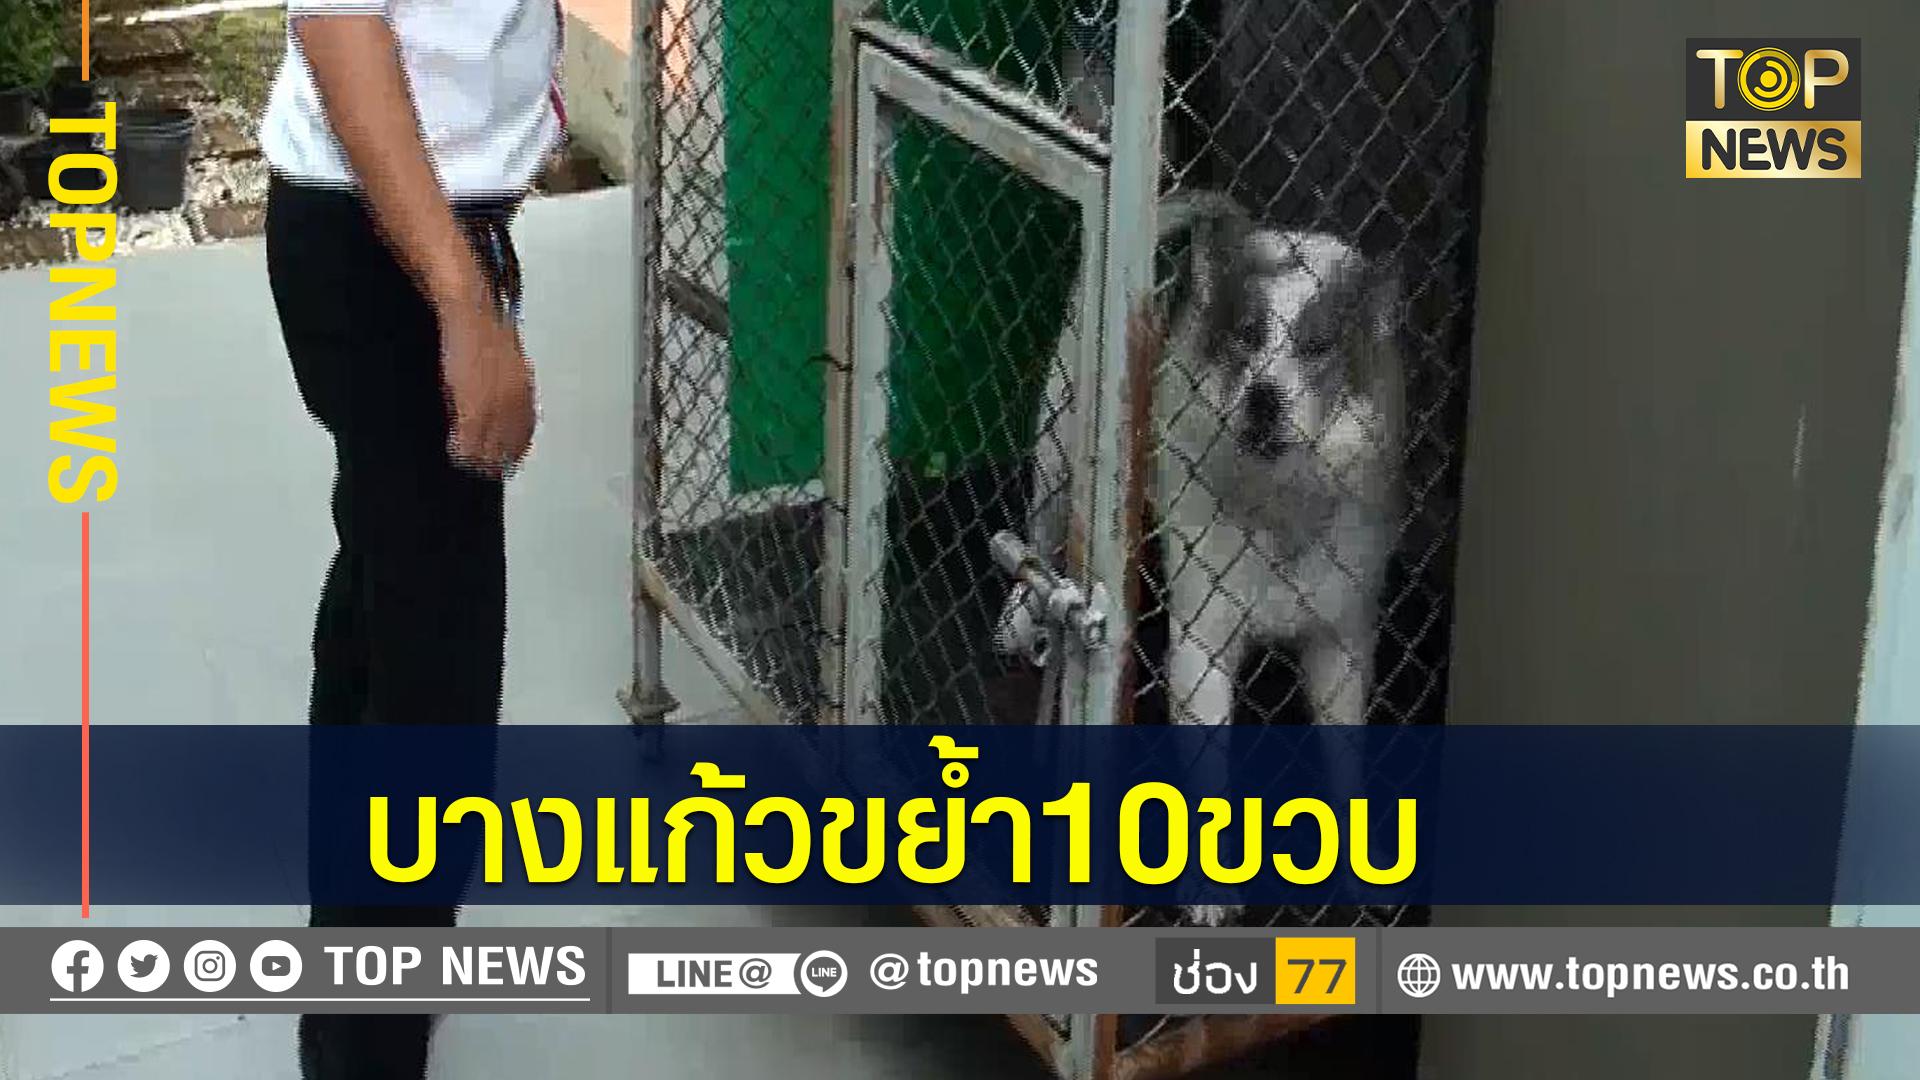 สุนัขพันธุ์บางแก้ว ตกใจกัดหูเด็กชายวัย10 ขวบ จนหูขาด